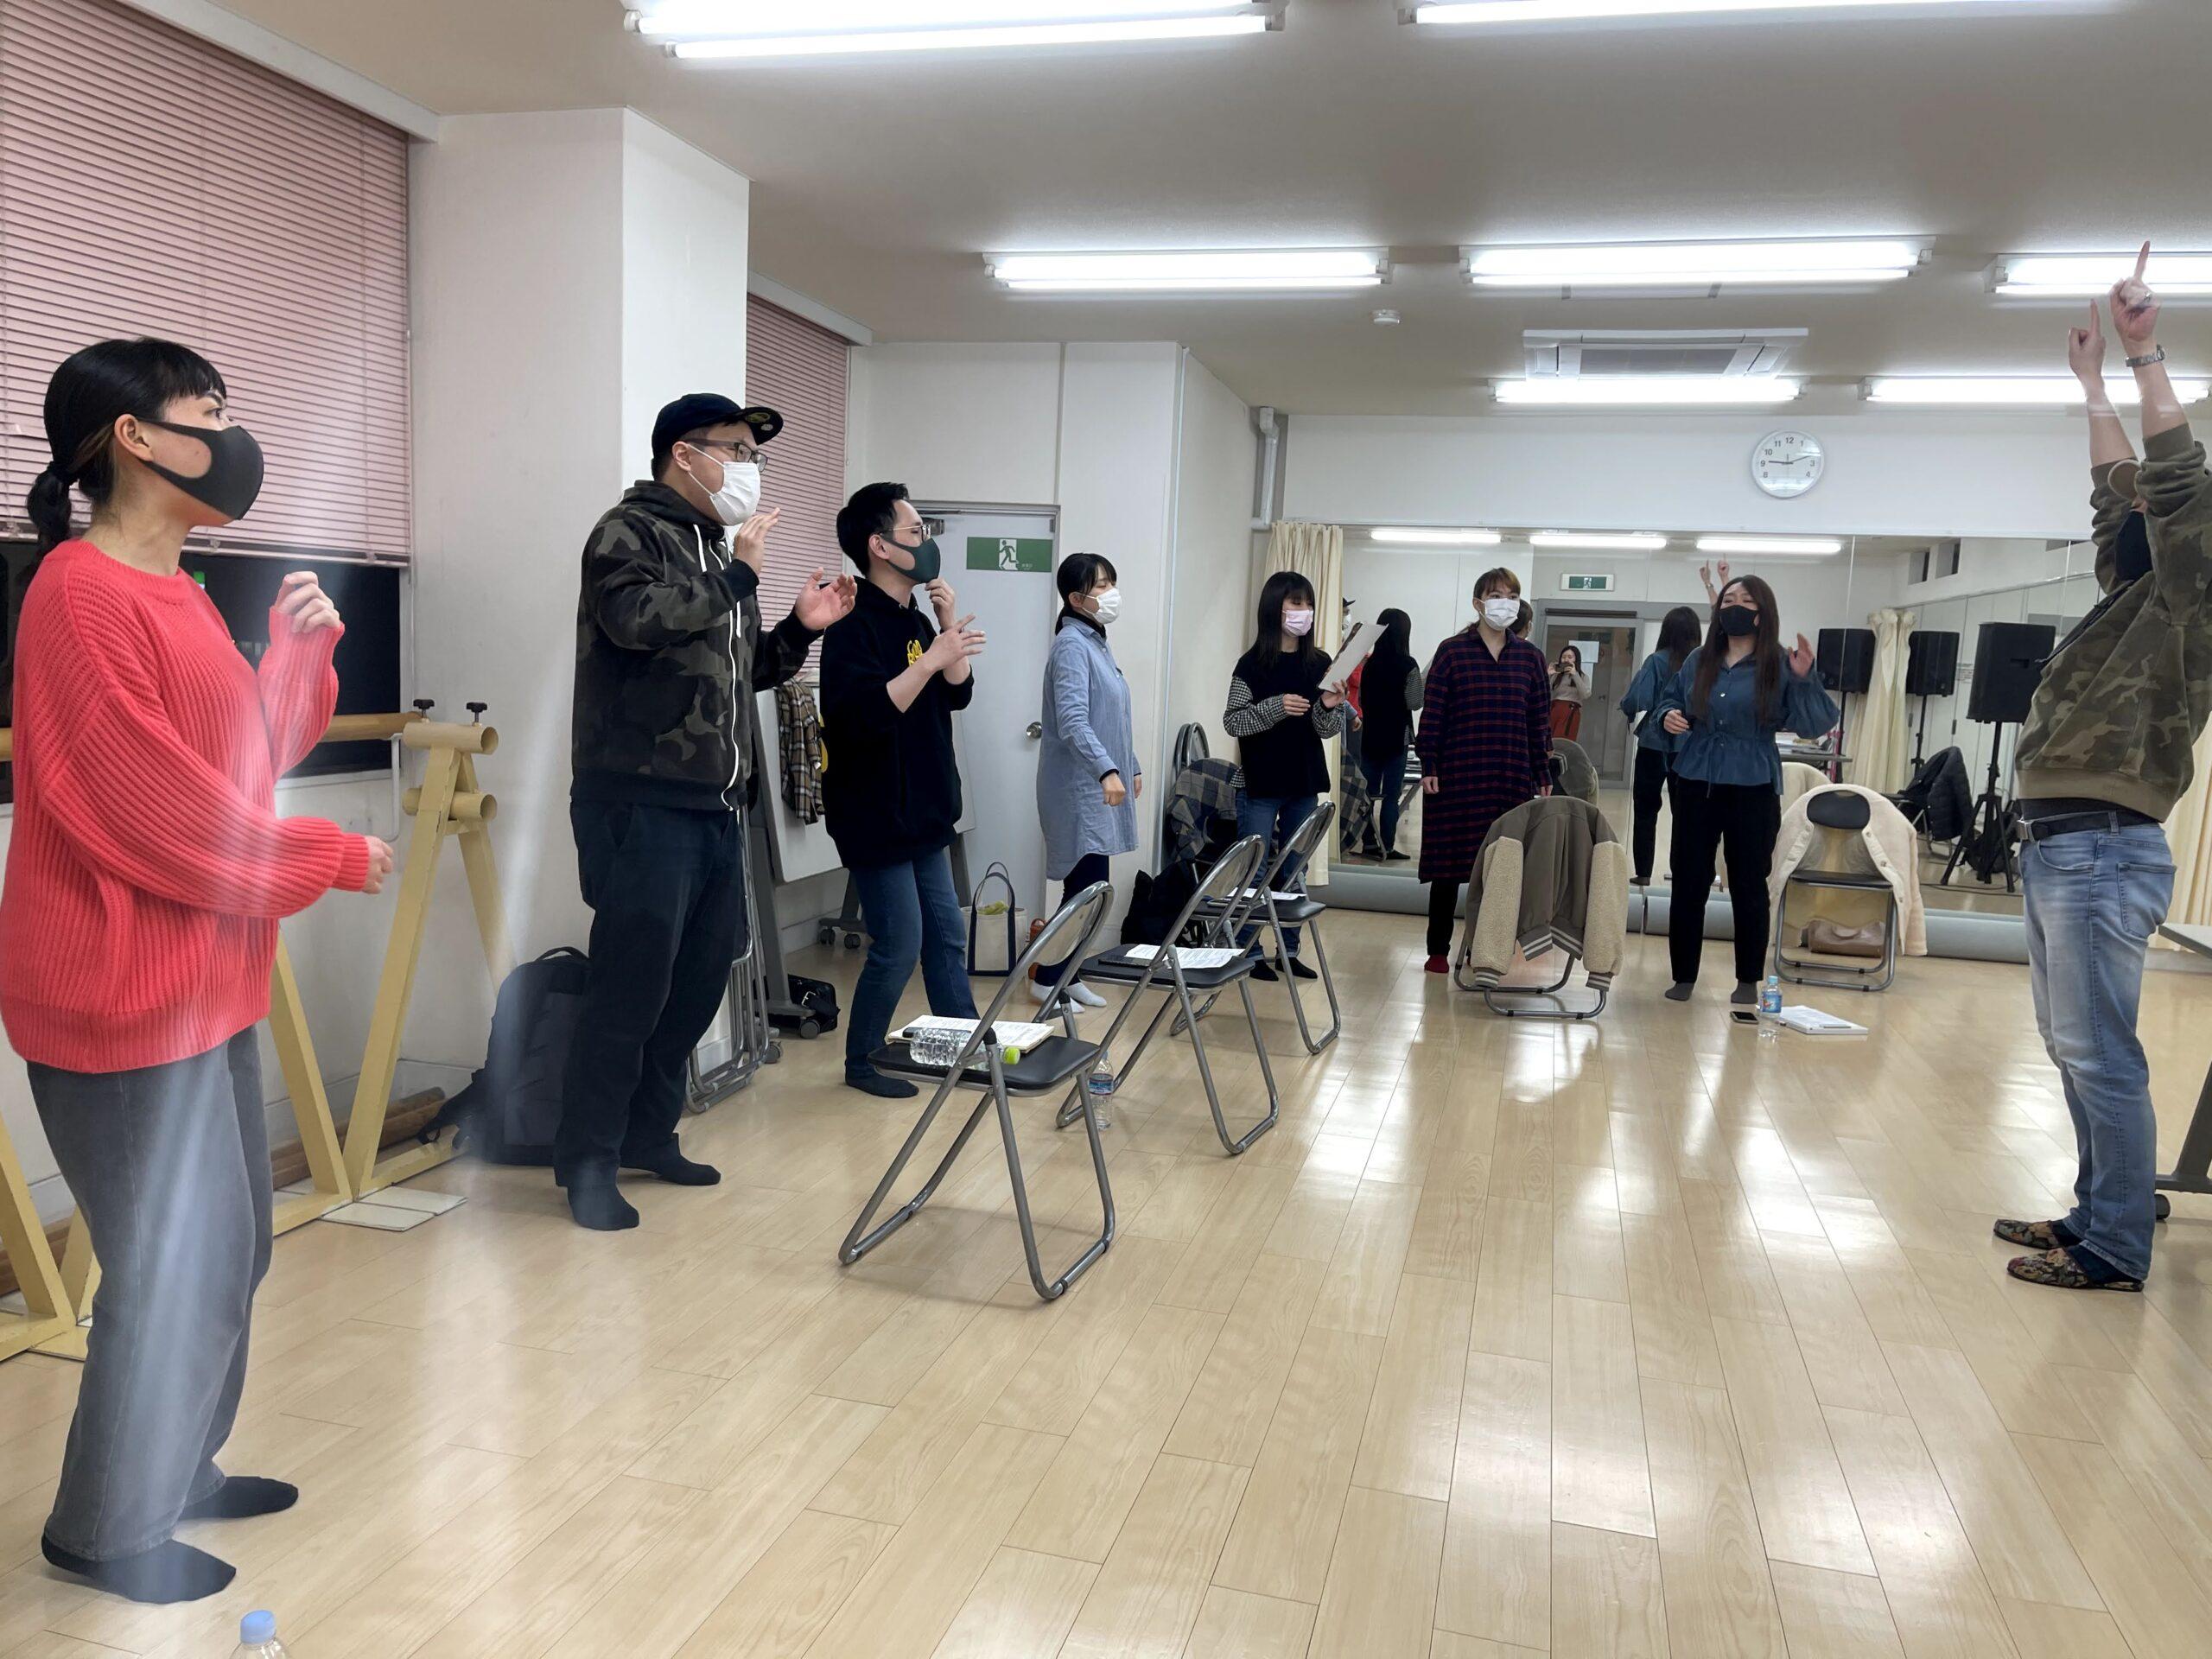 フェイスゴスペル難波クラス若い世代クラスの練習風景